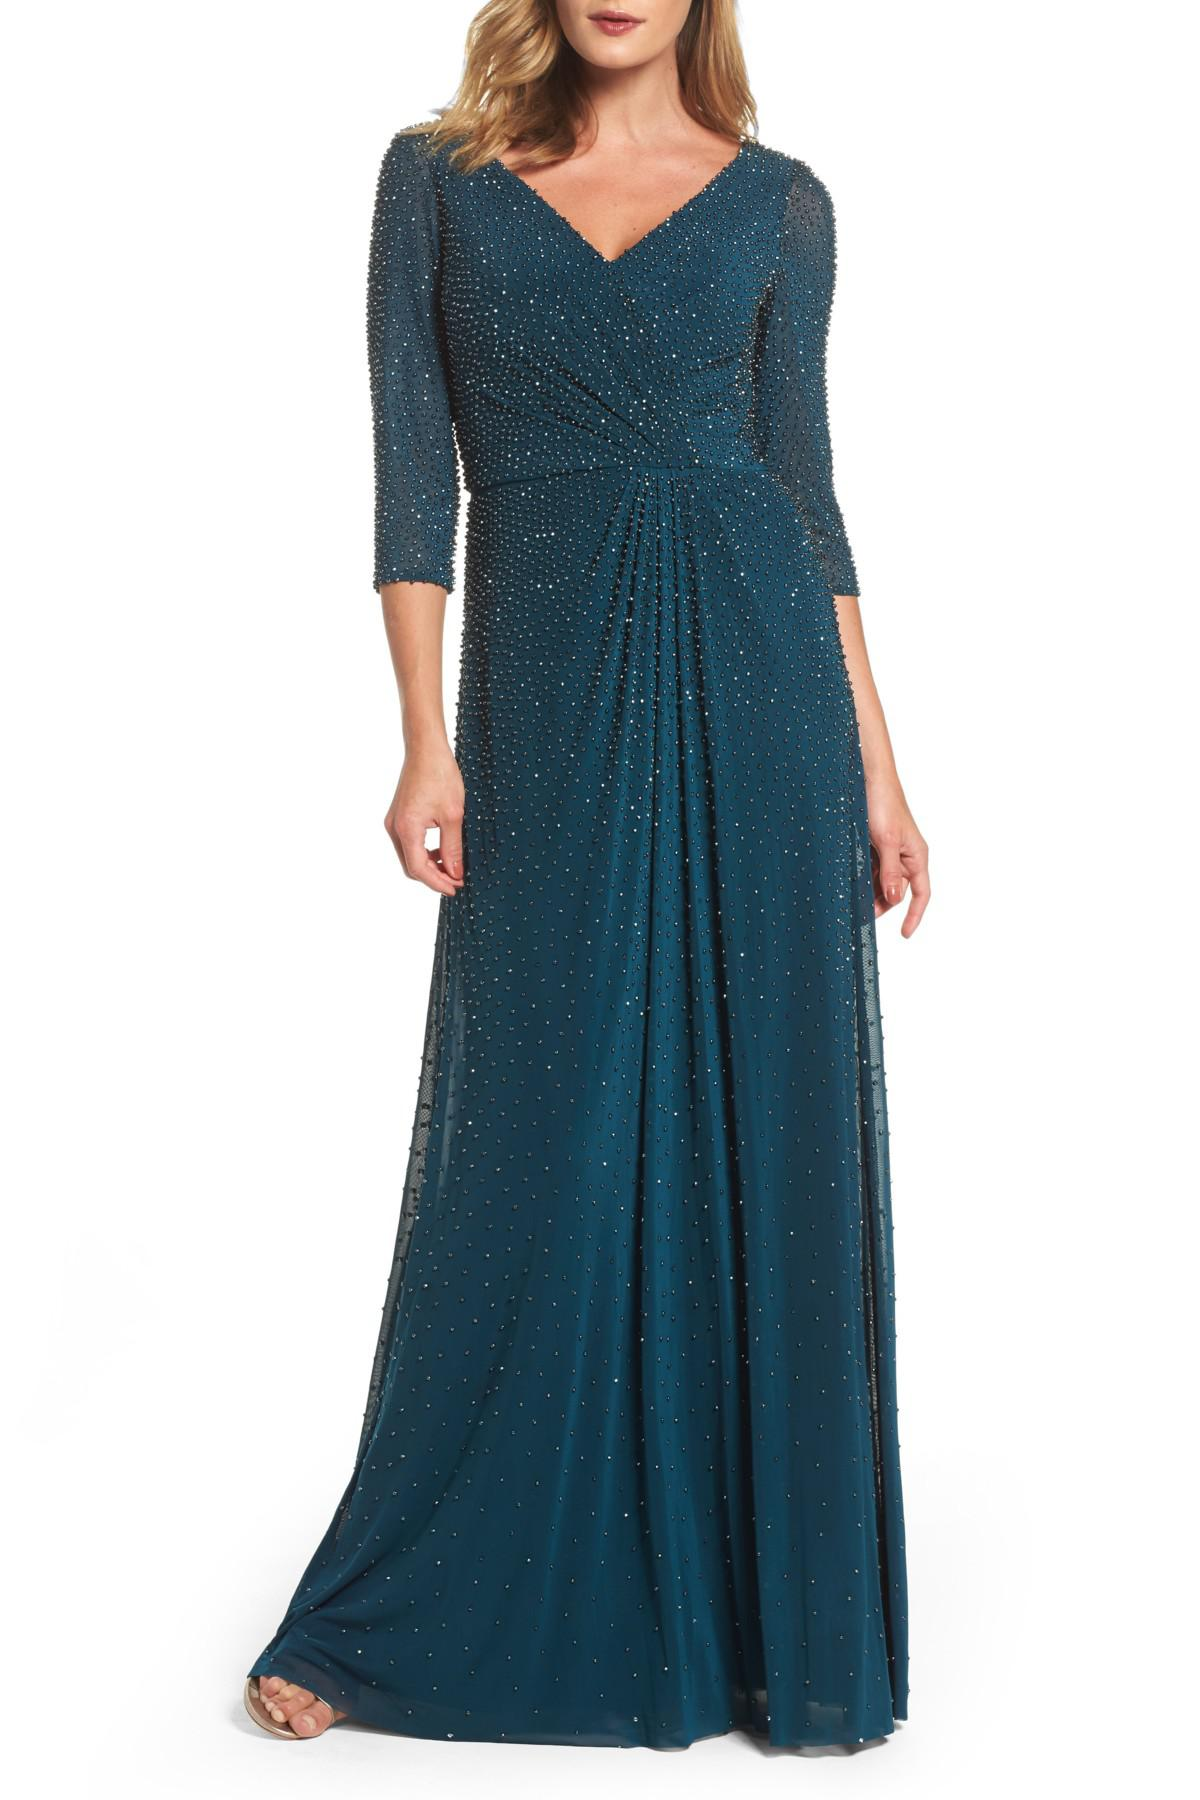 Lyst - La Femme Beaded Twist Knot Waist Gown in Blue - Save ...